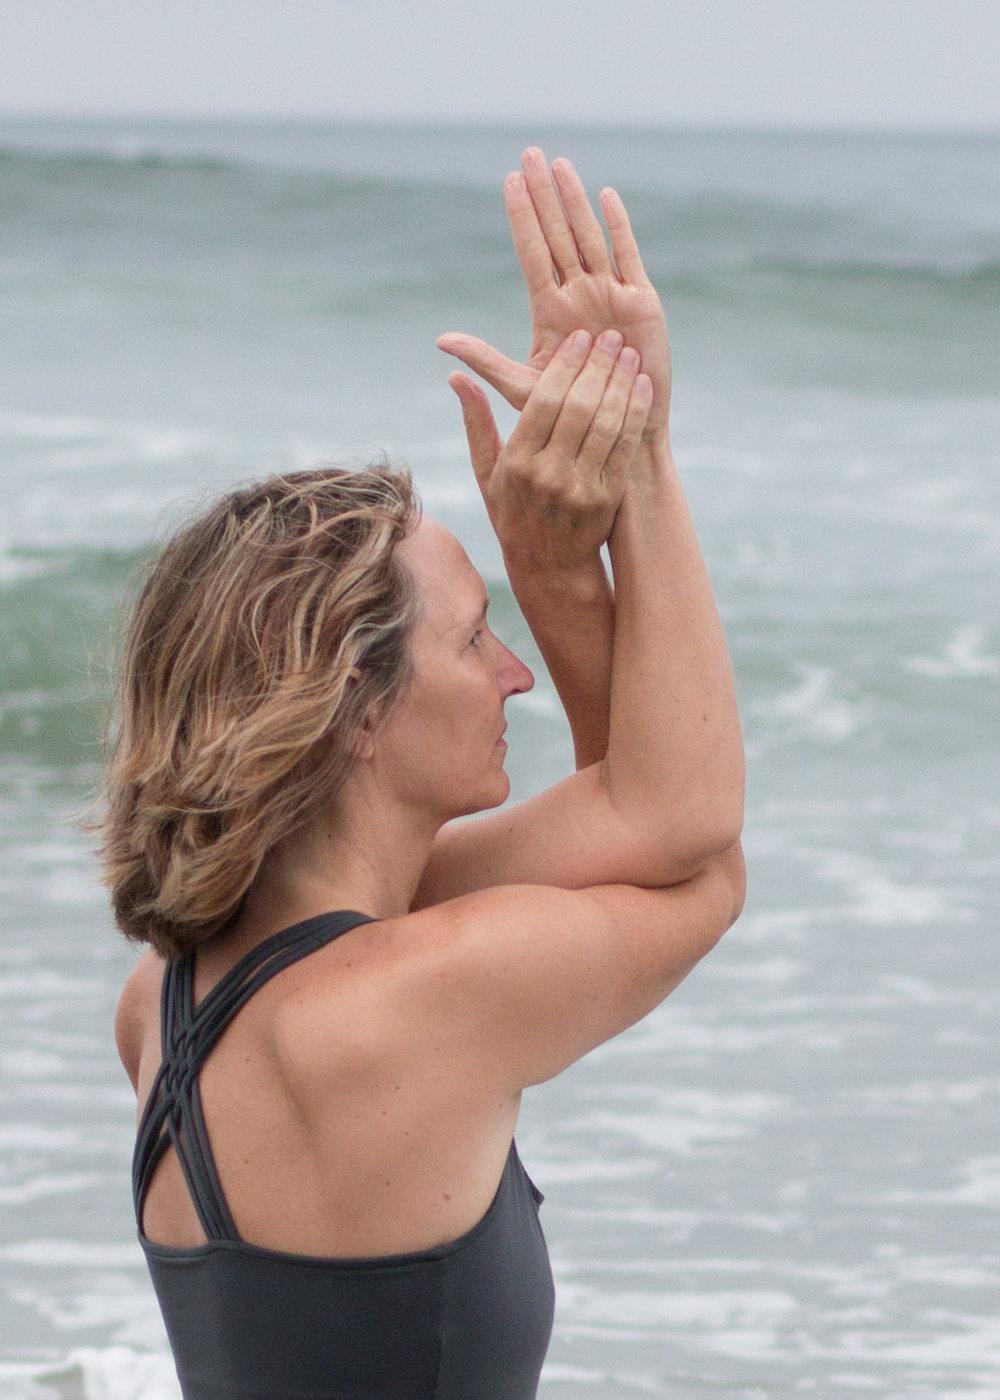 Yoga Ocean Hands